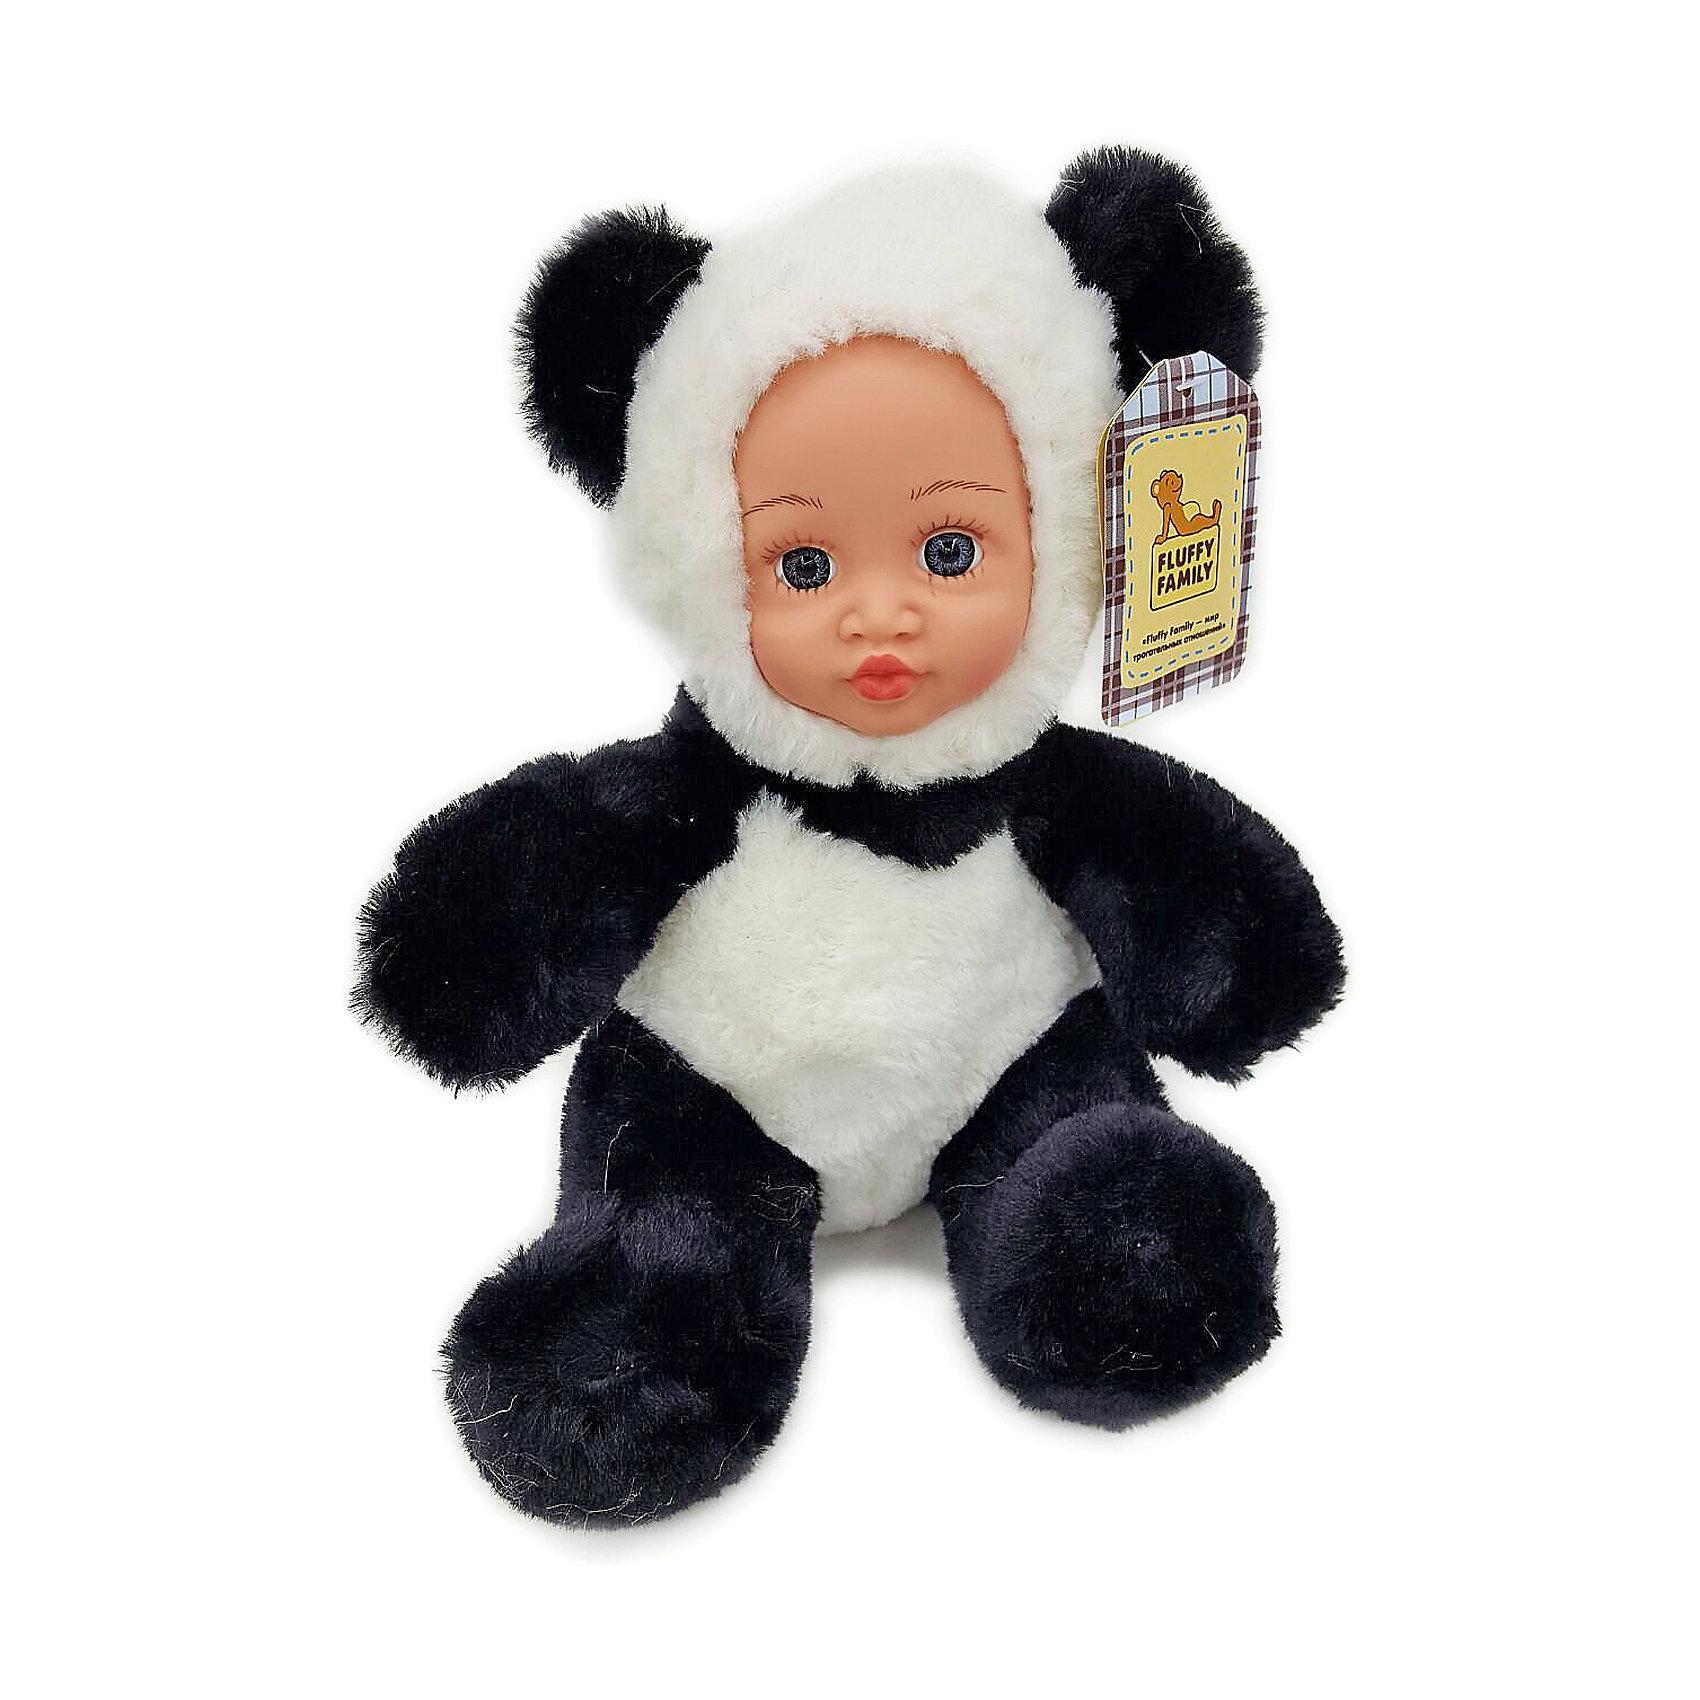 Fluffy Family Игрушка Крошка панда, Fluffy Family игрушка мгка fluffy family диджей 681031